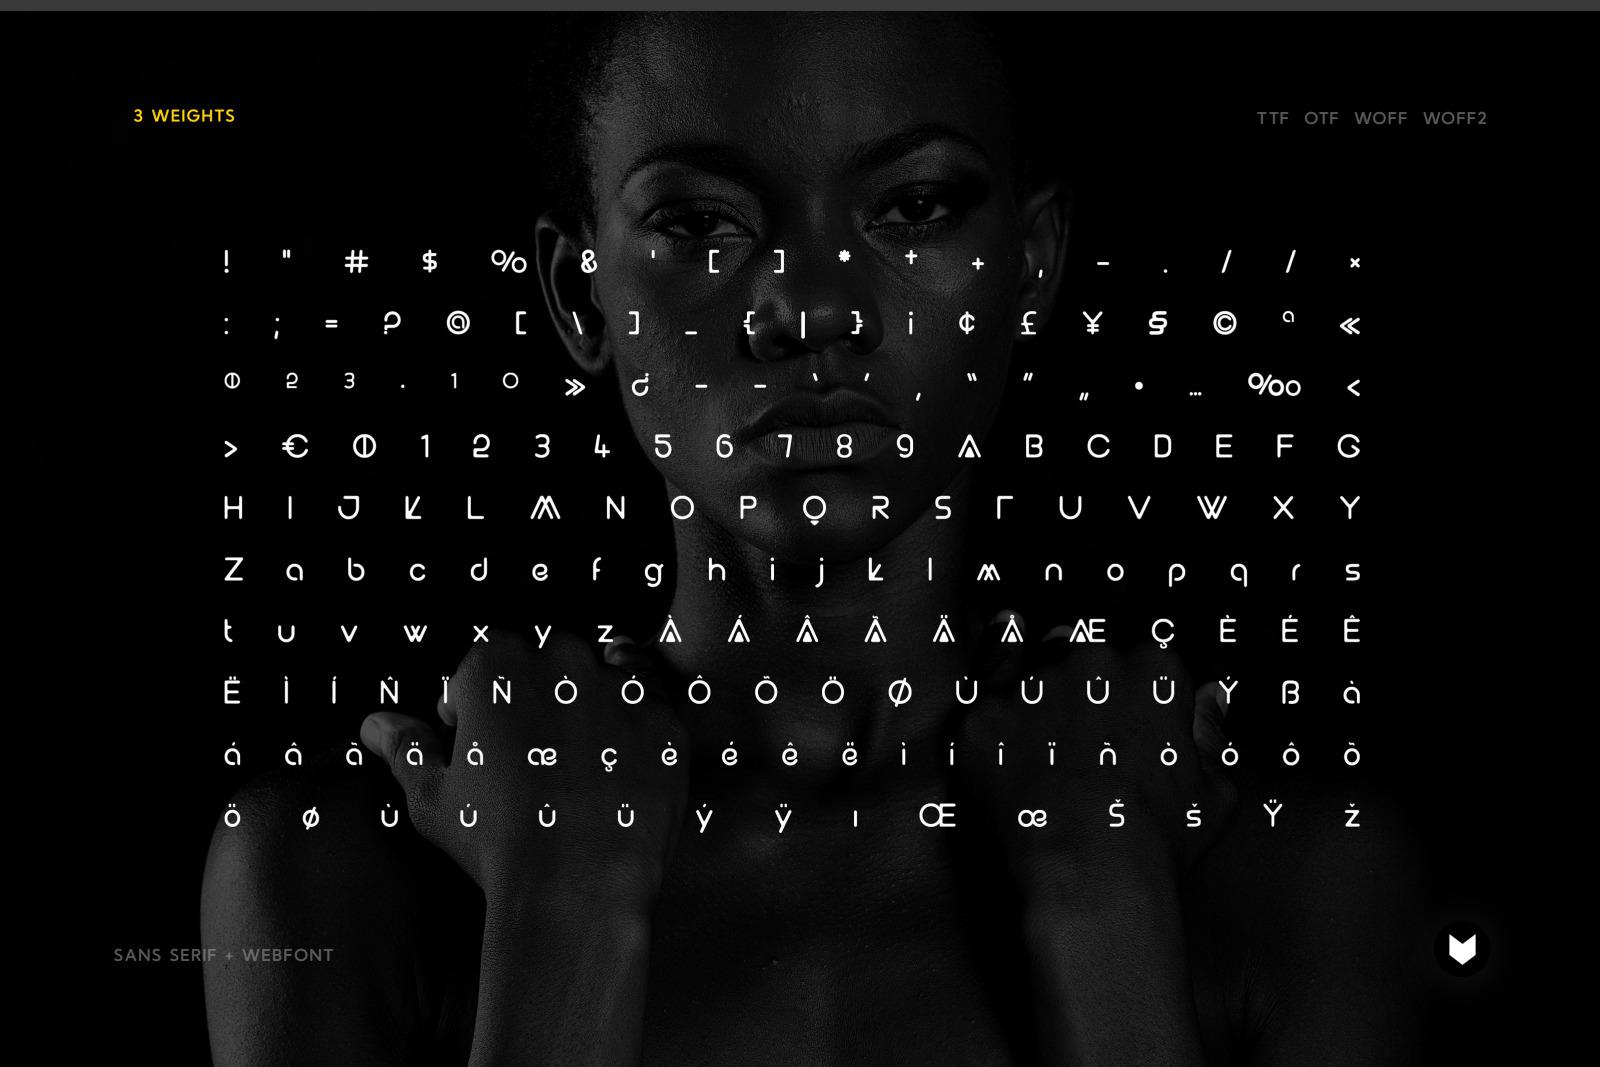 Awaria Display Typeface